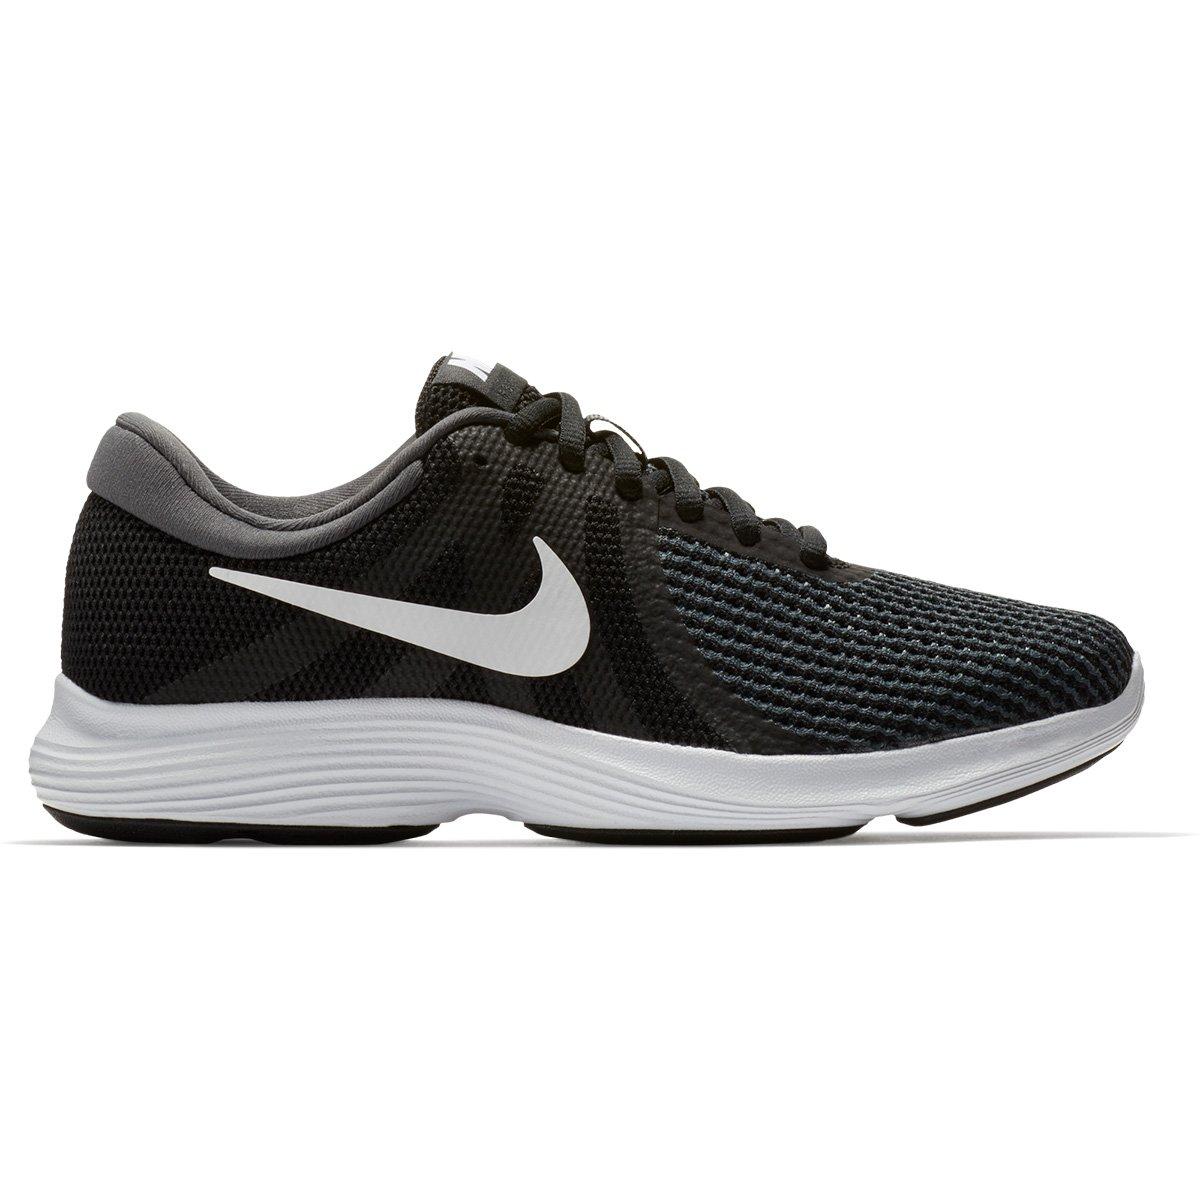 57fa2c6256 Tênis Nike Wmns Revolution 4 Feminino - Preto e Branco - Compre Agora